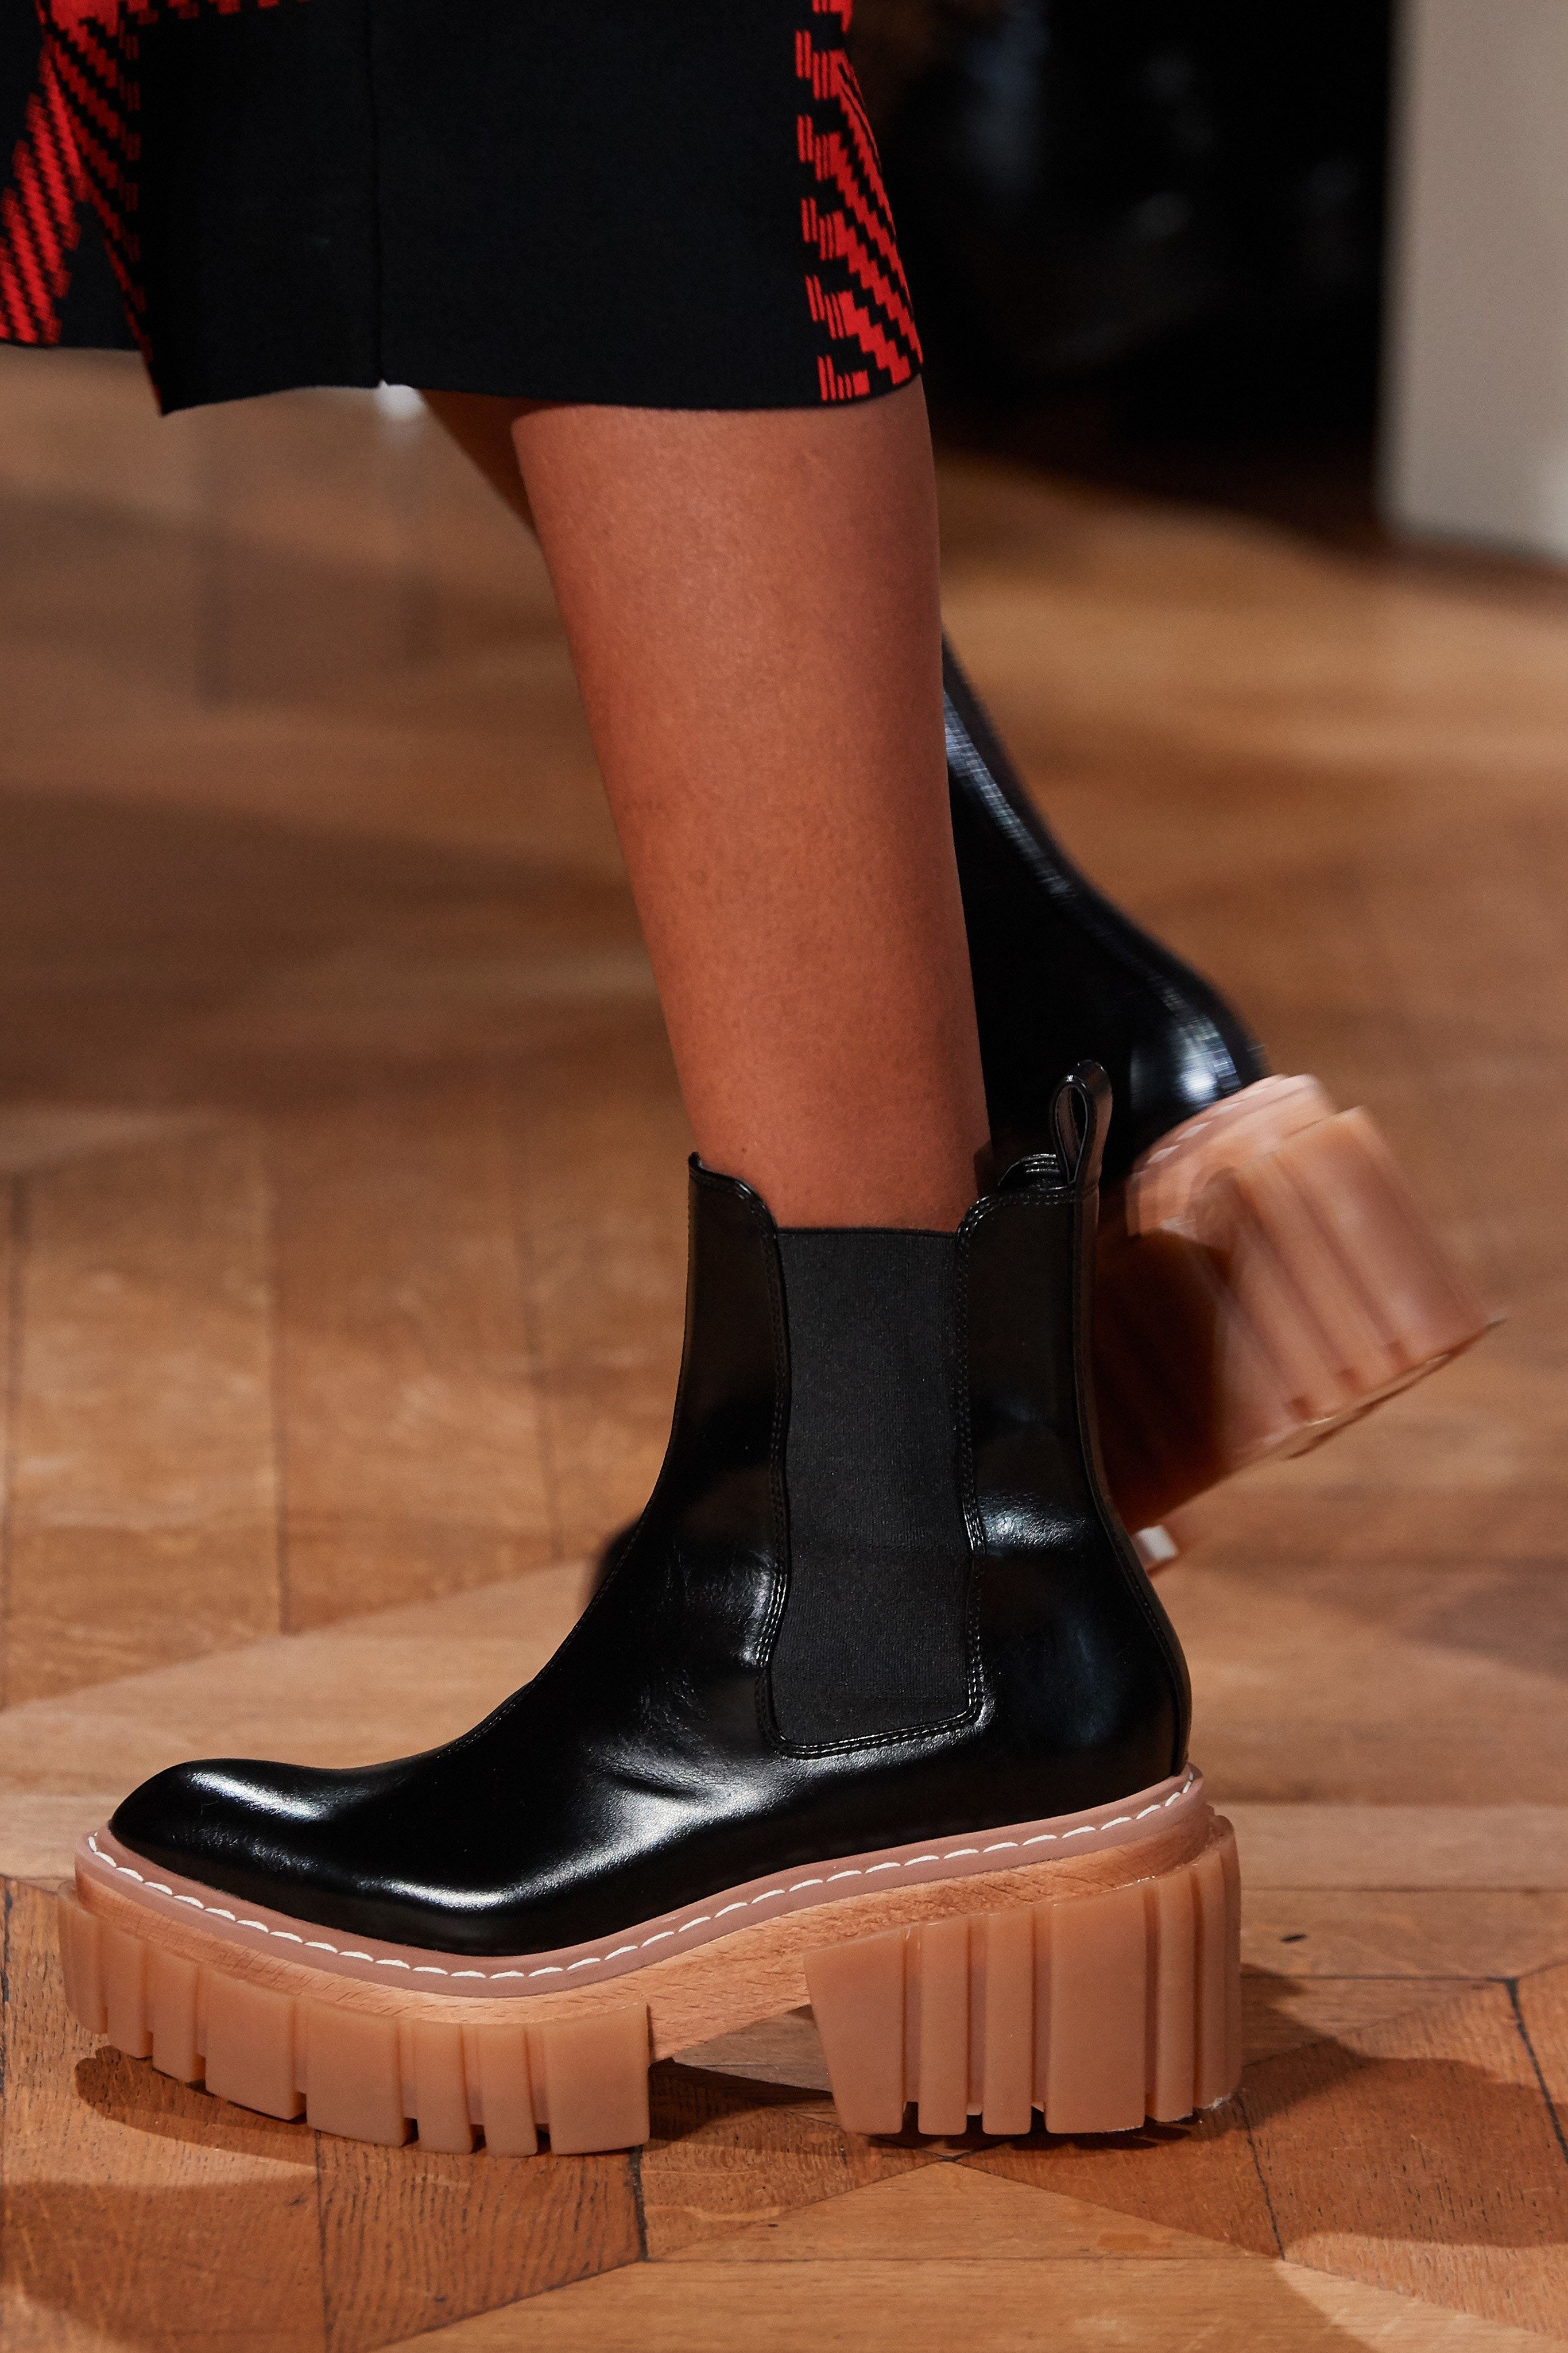 Stella Mccartney Fall 2020 Ready To Wear Fashion Show Stella Mccartney Boots Stella Mccartney Boots